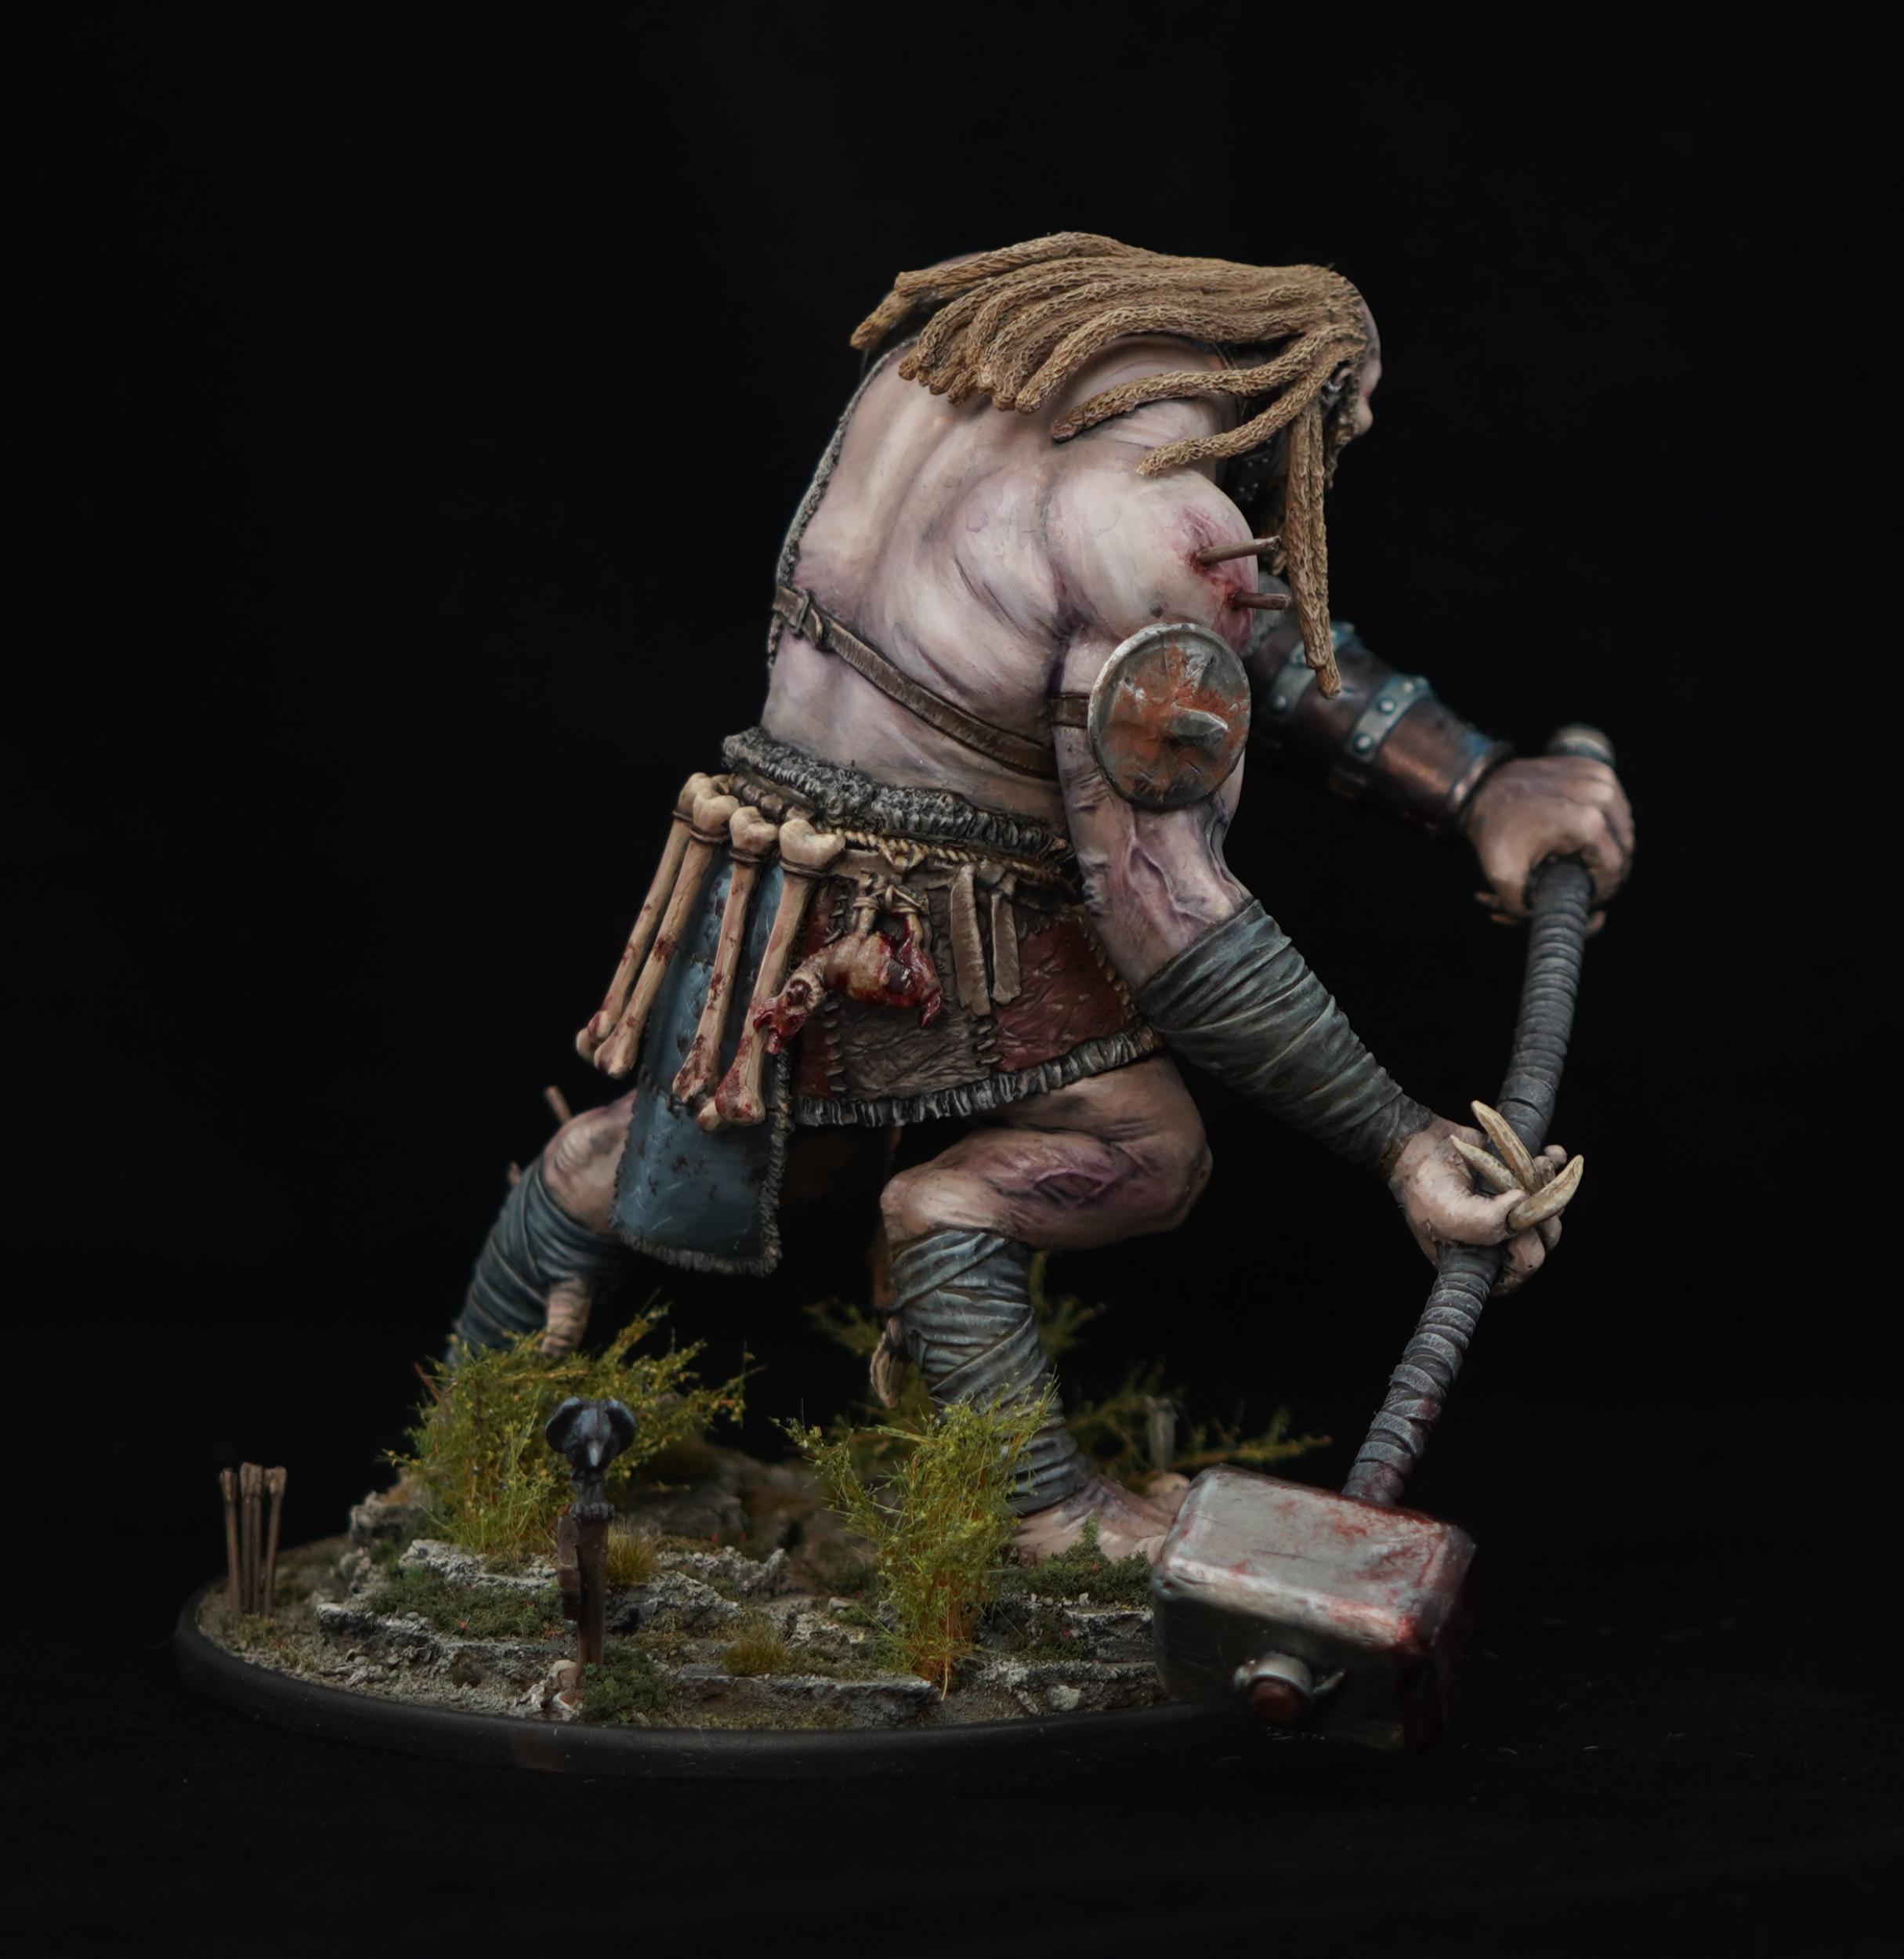 Mierce miniatures review_Darkland_Goldmunds Welt_Giant_Warhammer_Sons of Behemat (4).jpg